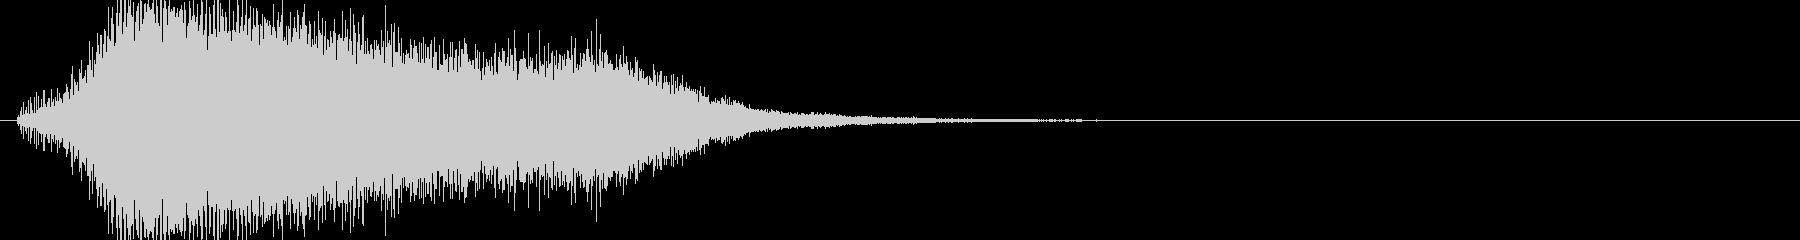 エネルギー・魔力#2(残響・響く)の未再生の波形